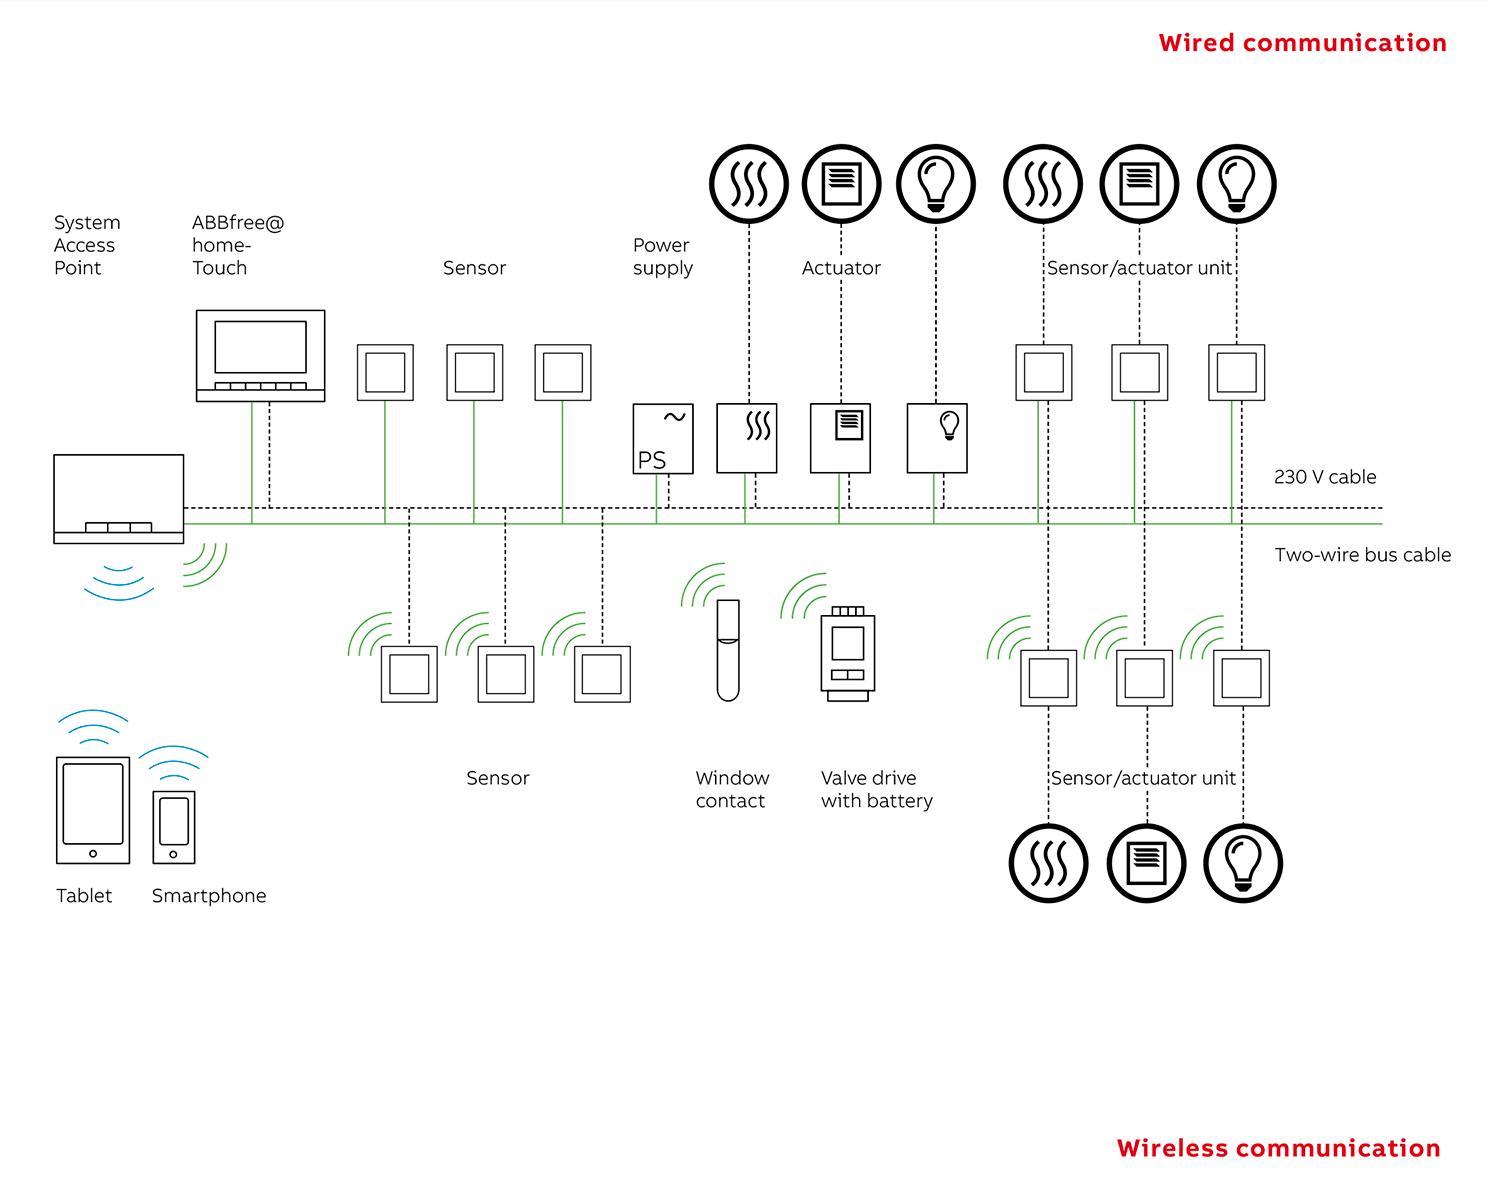 توپولوژی در خانه هوشمند KNX ، توپولوژی در هوشمند سازی ساختمان KNX ،